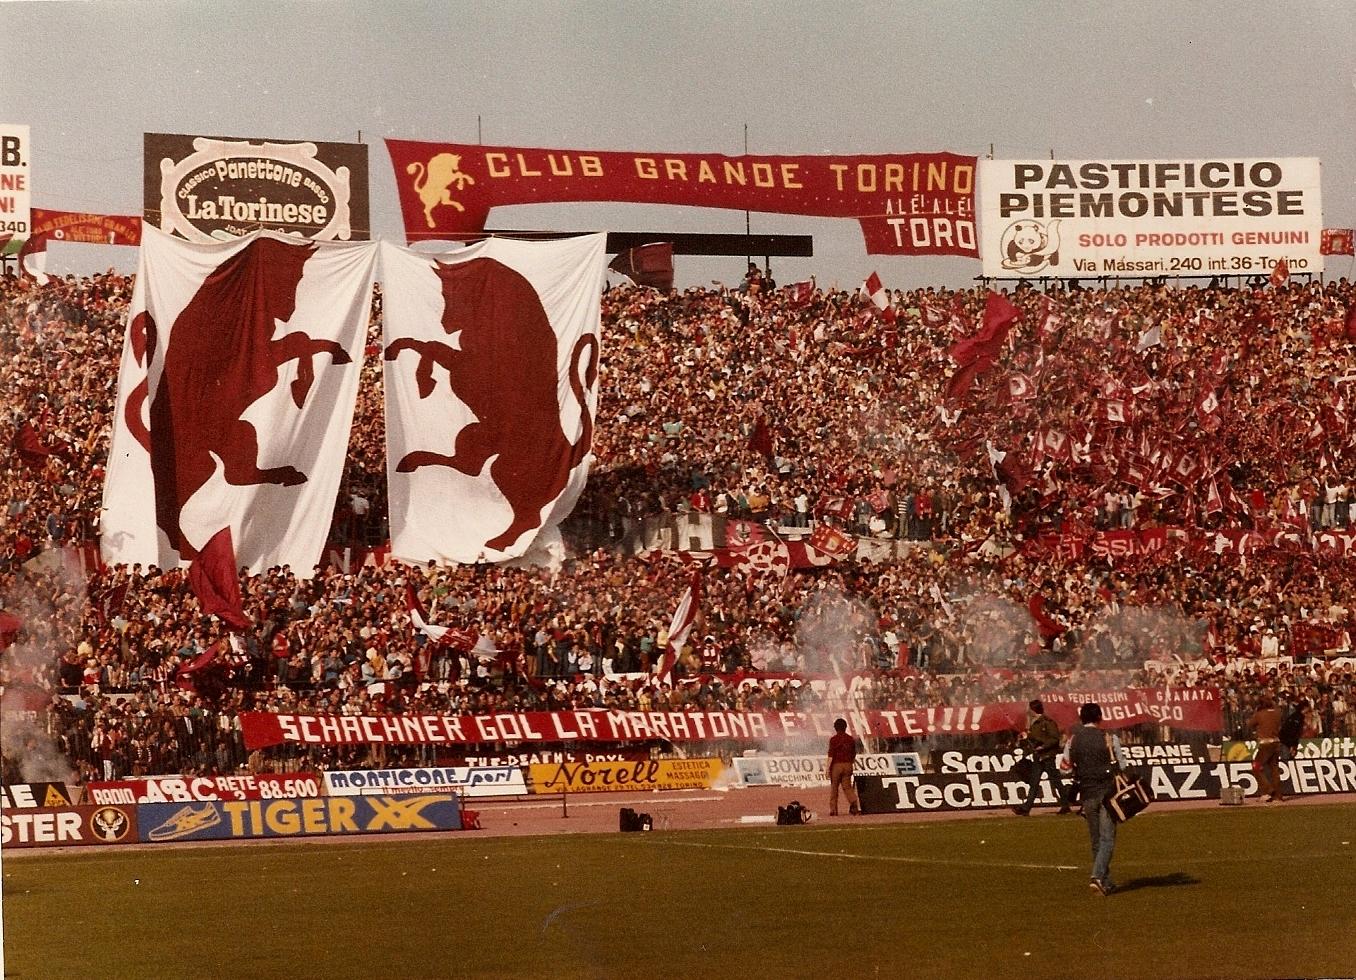 Torino_-_Stadio_Comunale_-_Curva_Maratona_-_Anni_80.jpg